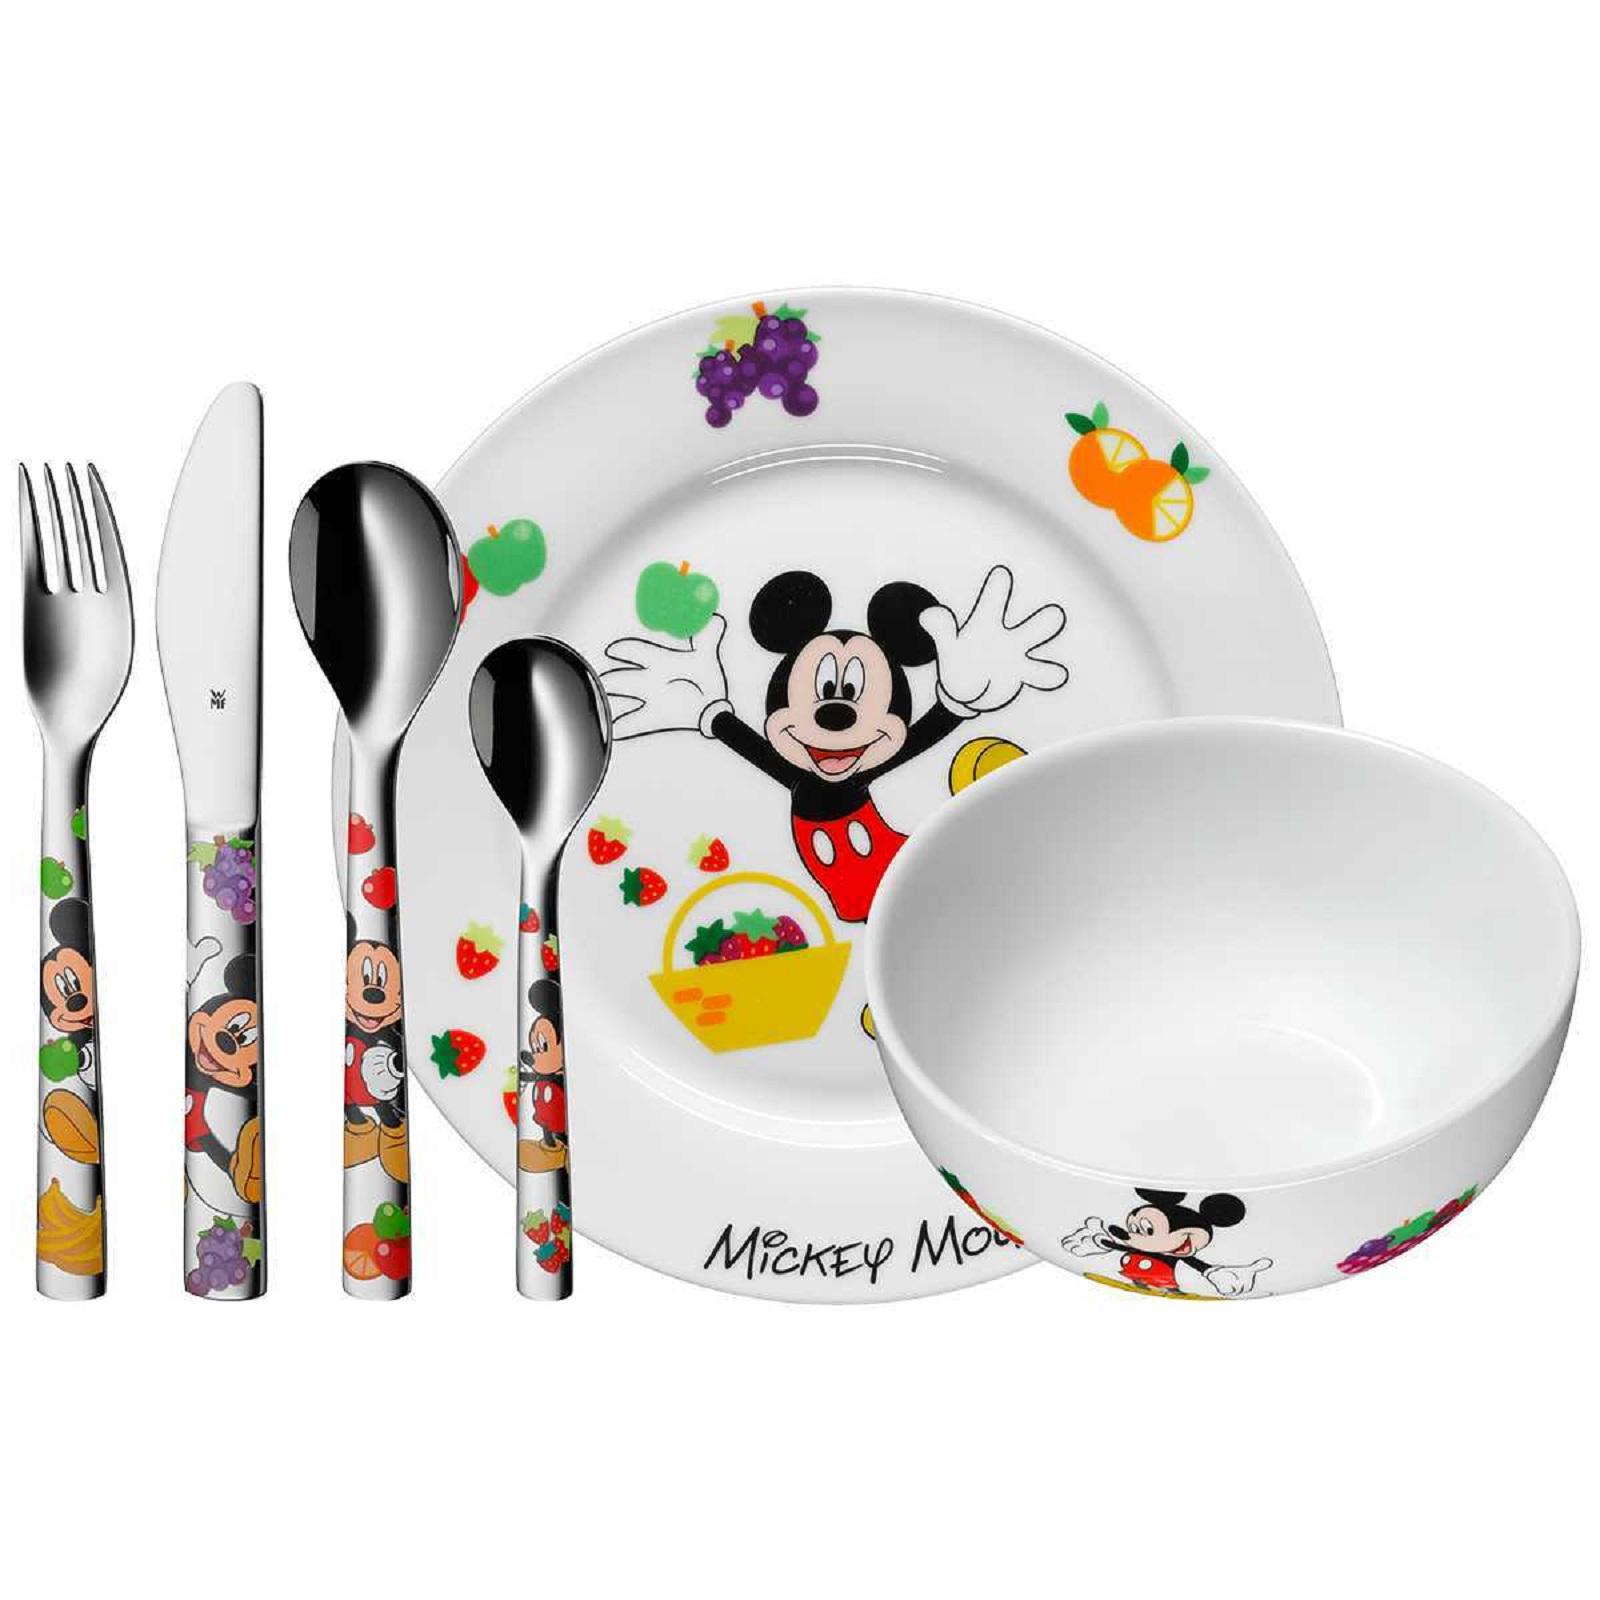 Онлайн каталог PROMENU: Набор посуды детский 6 пр WMF Mickey Mouse  (12 8295 9964) WMF 12 8295 9964